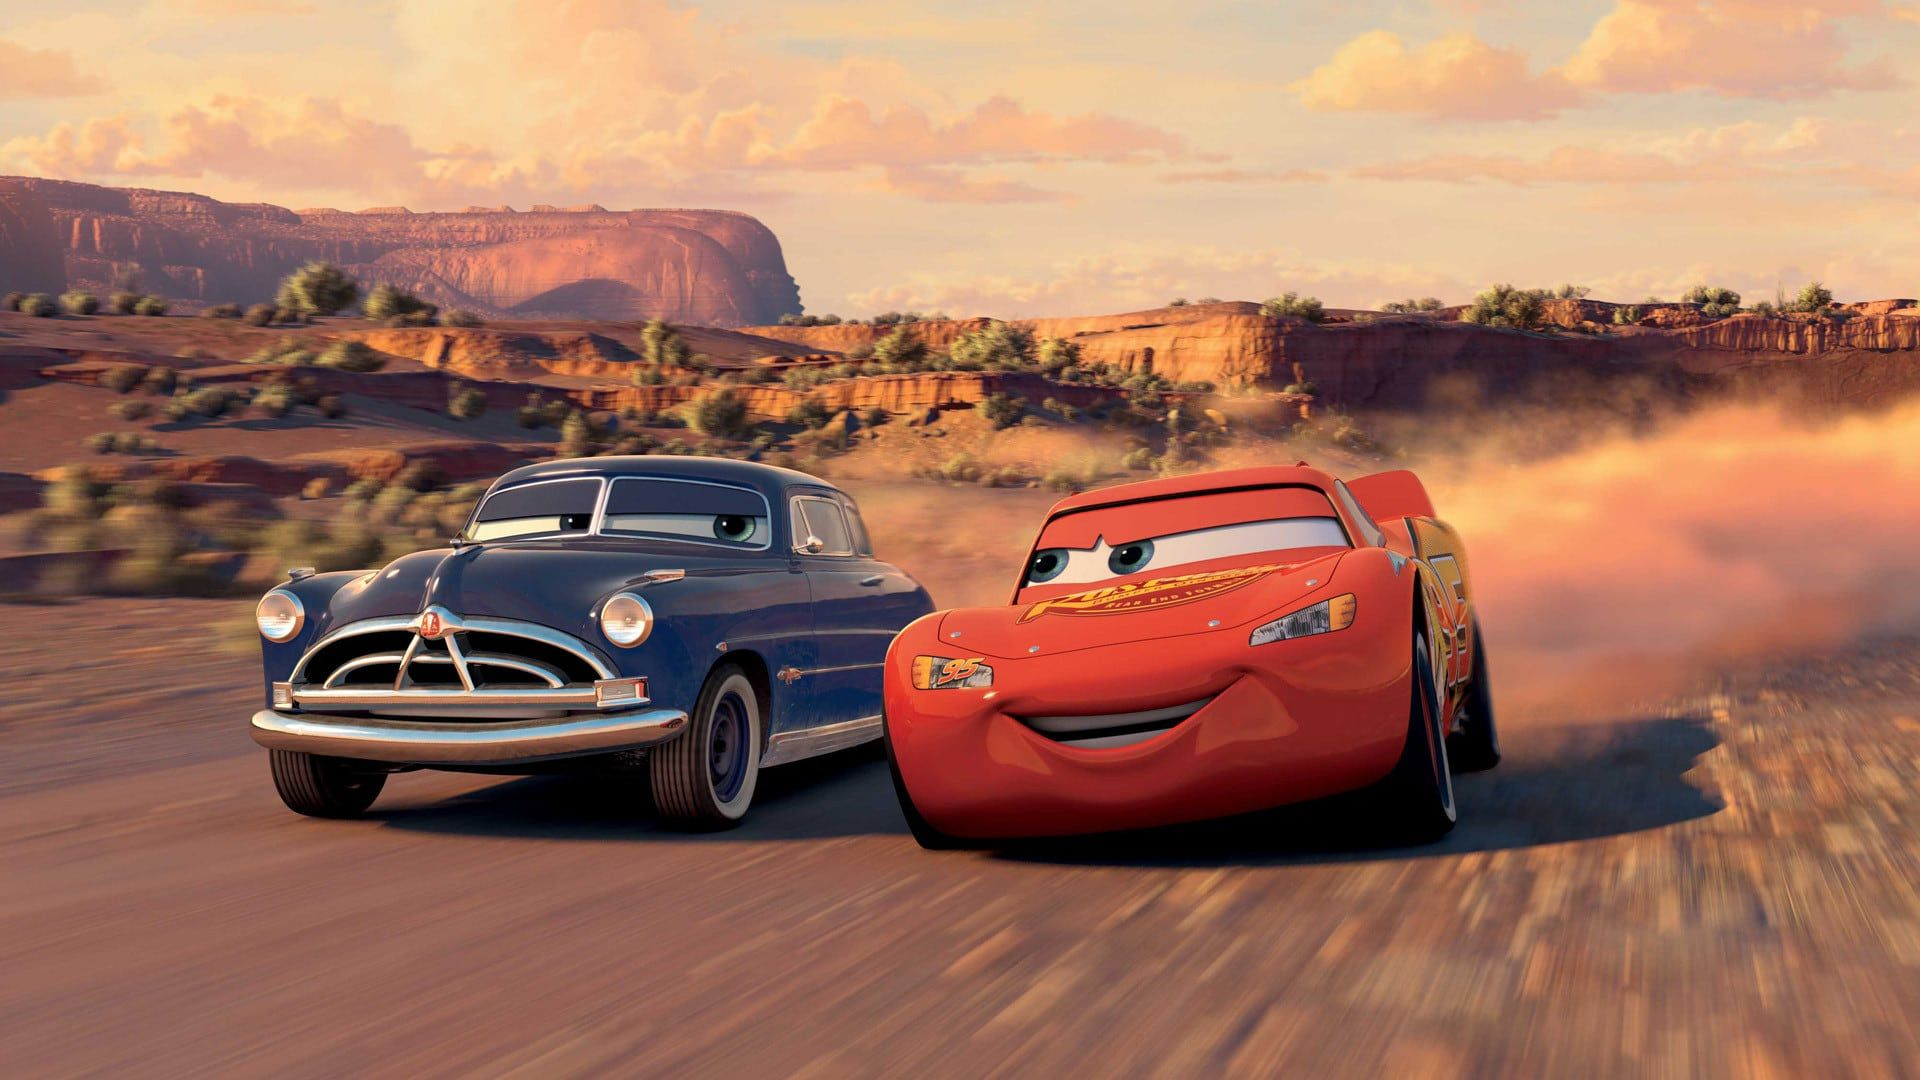 Cars 2006 Ganzer Film Deutsch Komplett Kino Ausgerechnet Jetzt Da Er Als Newcomer Die Etablierten Stars Am Rande Der Nied Disney Cars Lightning Mcqueen Rennen